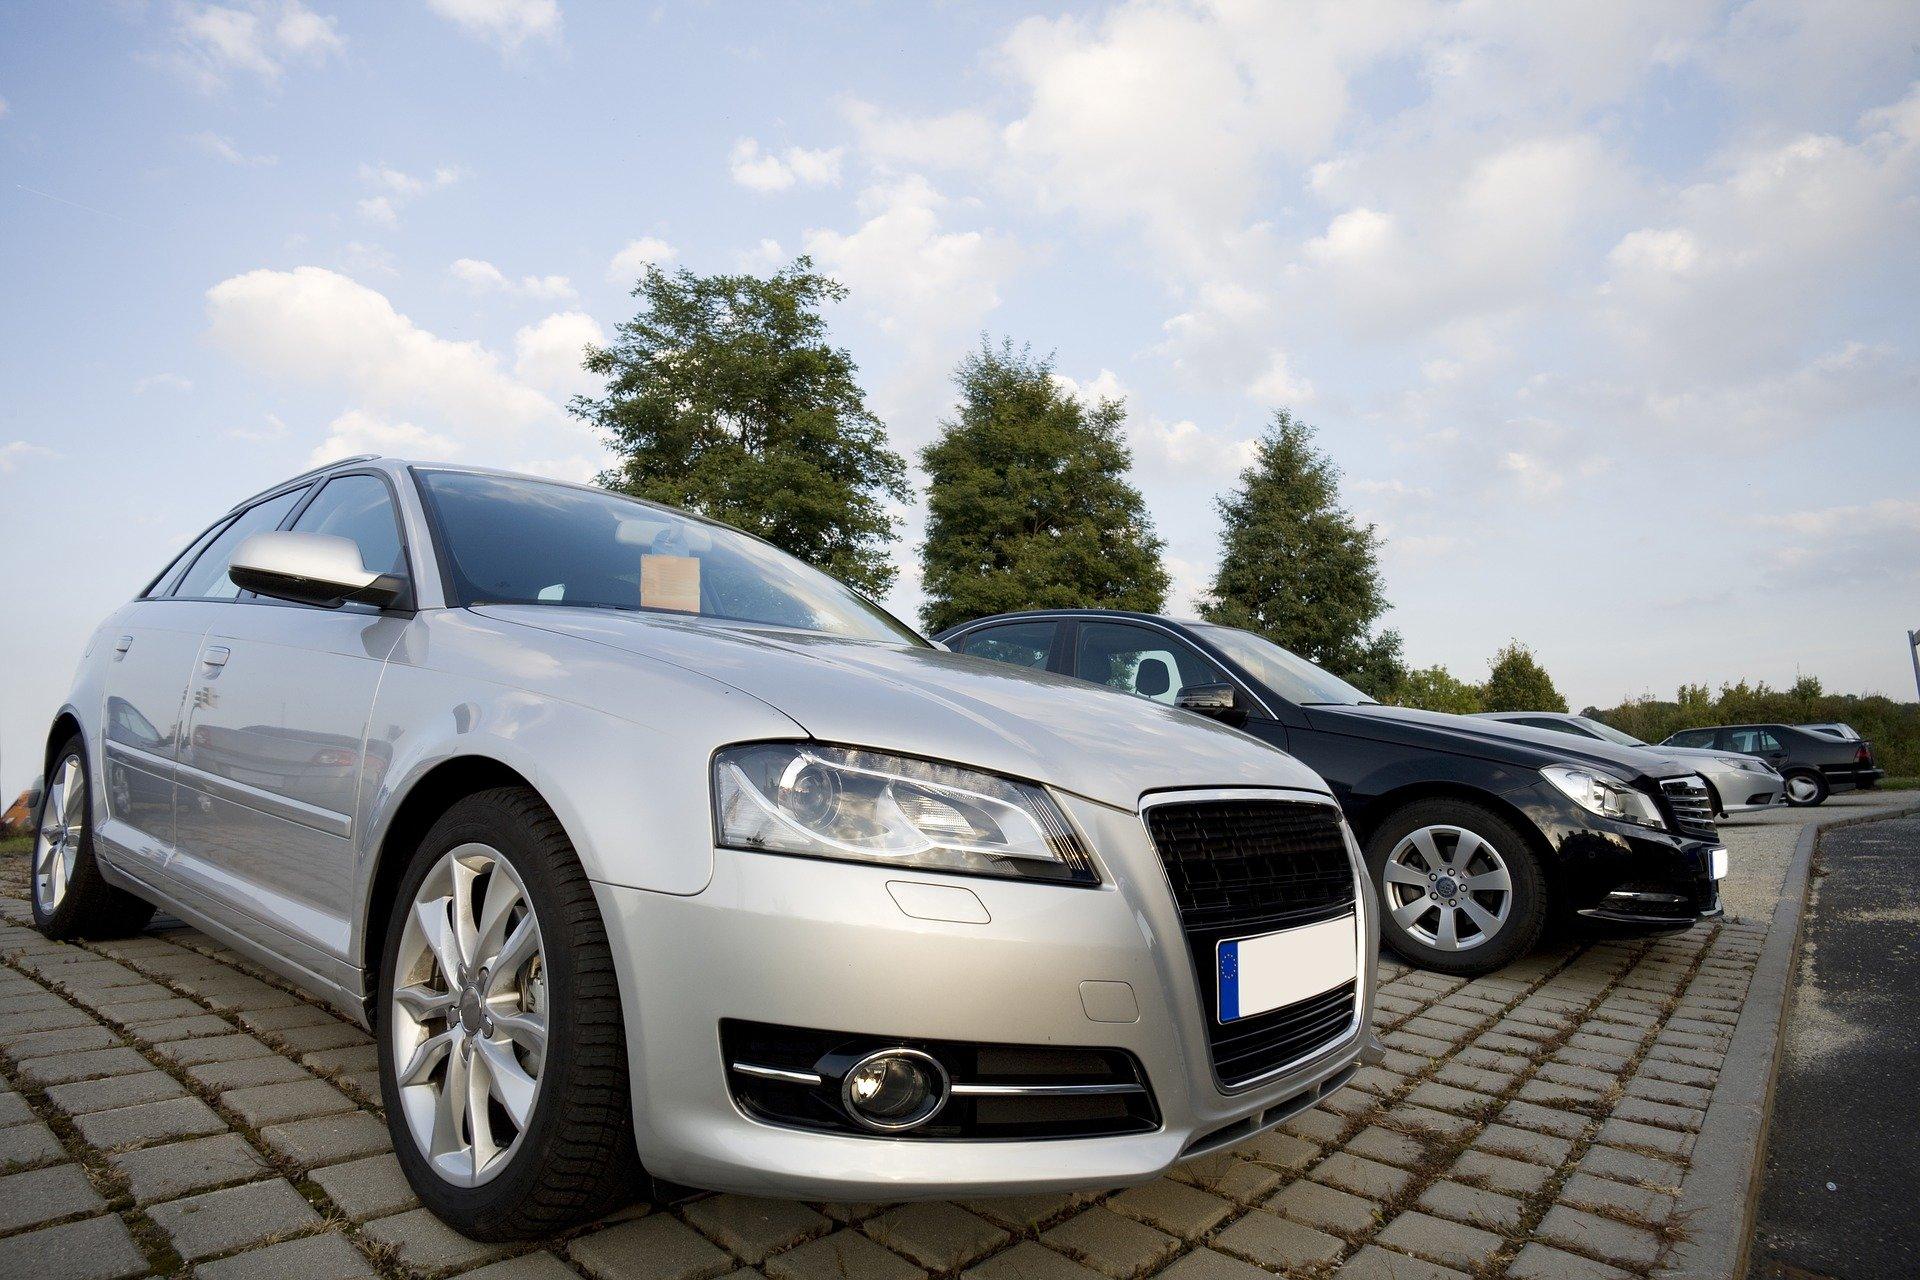 Ojetá auta v ČR: 1 ze 4 poškozeno, tachometry stočené o 61 tisíc kilometrů - anotační obrázek